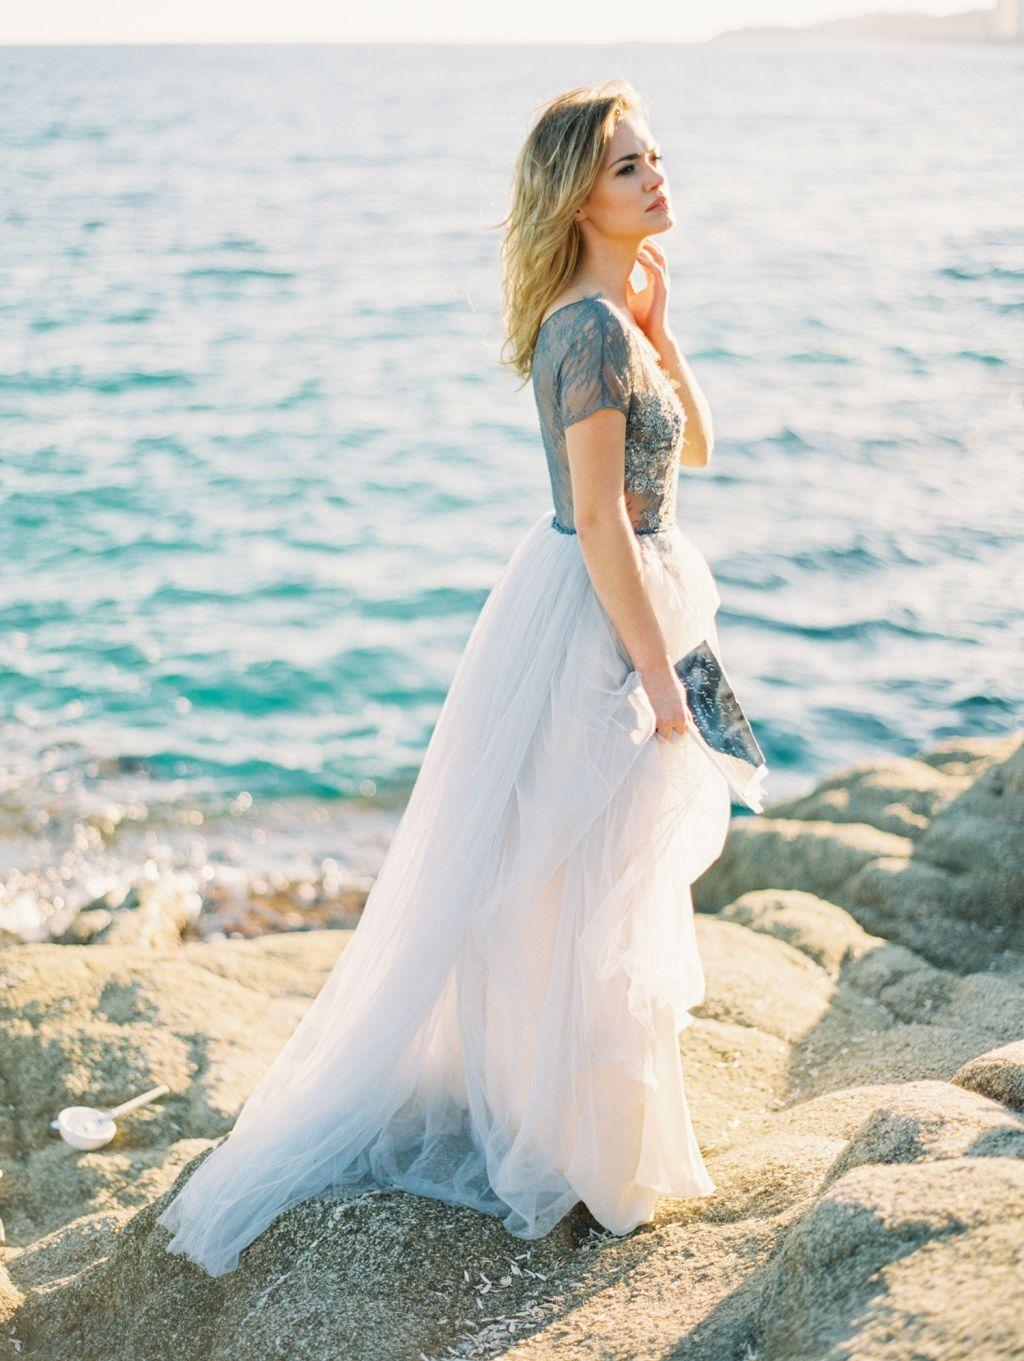 Elegant Spanish seaside wedding inspiration via Magnolia Rouge ...